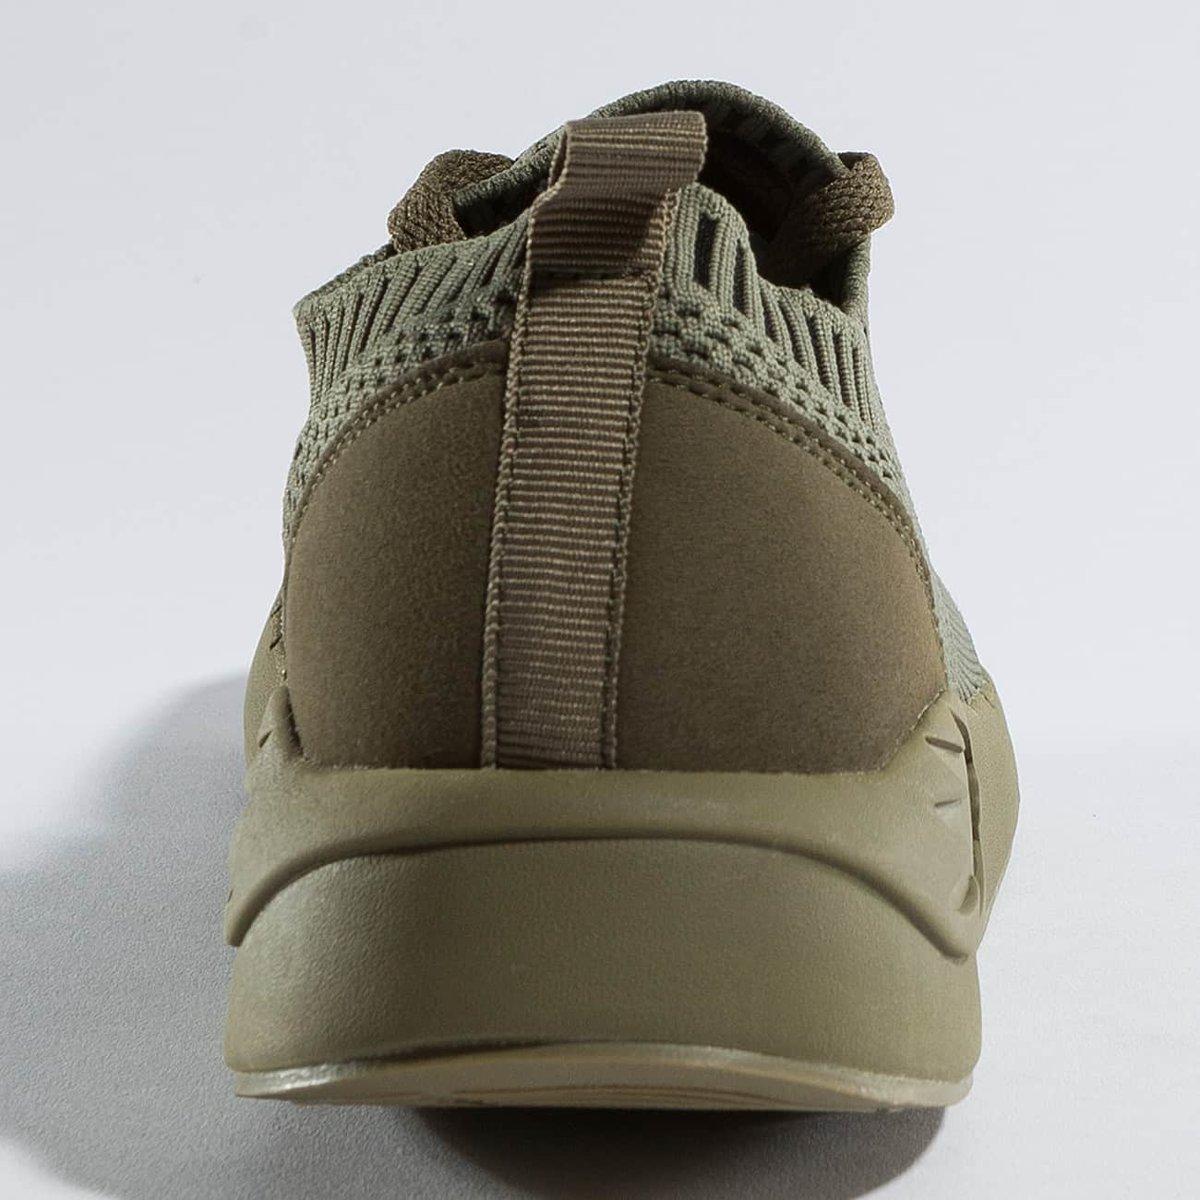 Dngrs Dangereux / Chaussures De Sport Dans Justus D'olive 40 Vu9gI3fuu